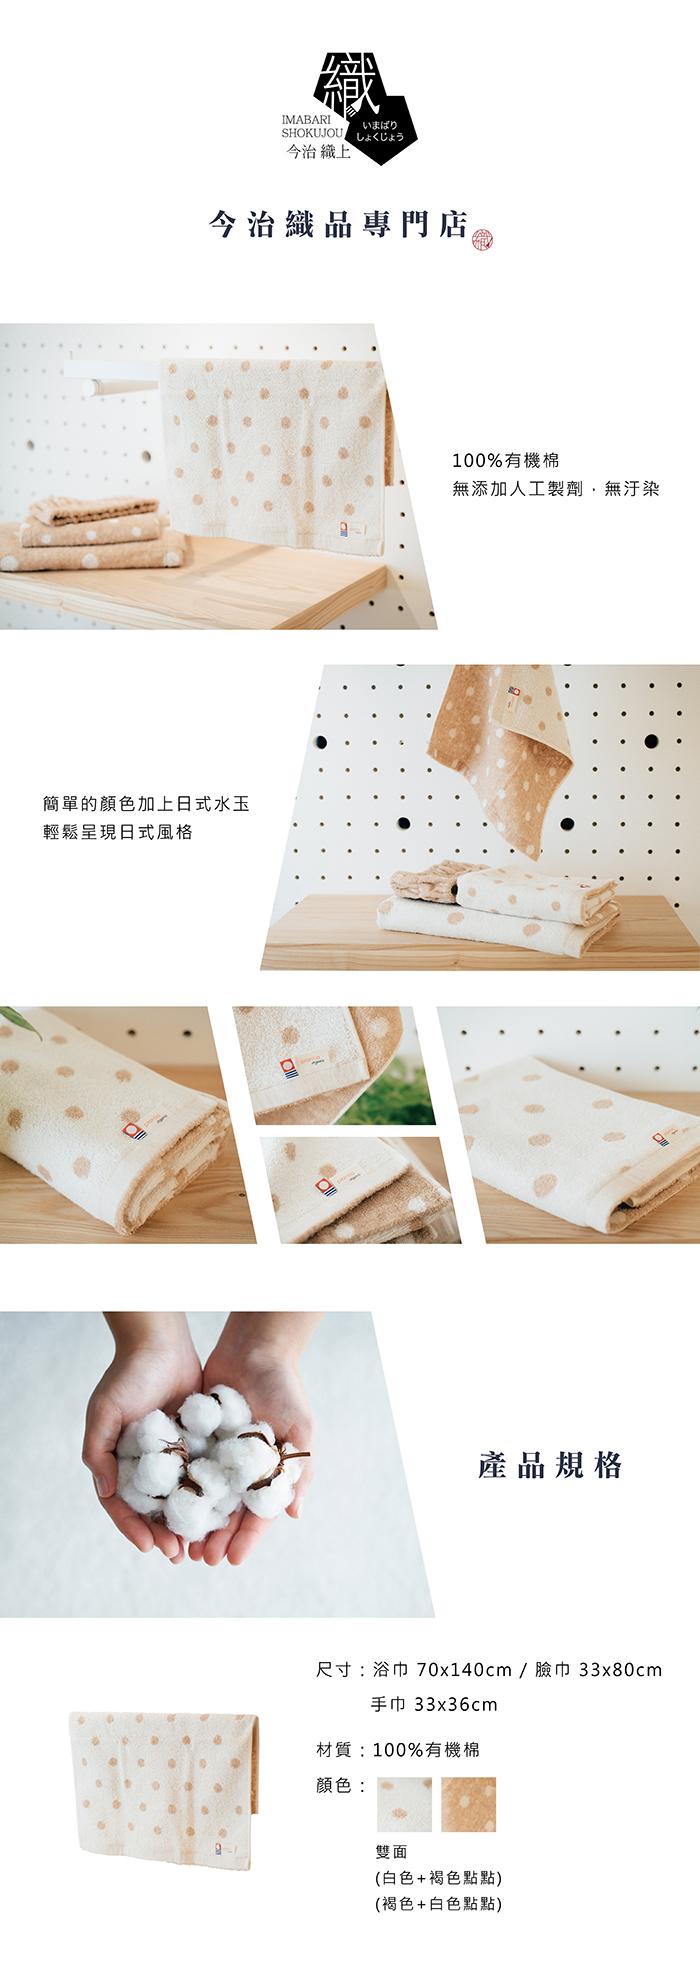 今治織上|日本今治毛巾 今治認證 壺內 Organic水玉系列 (手巾)